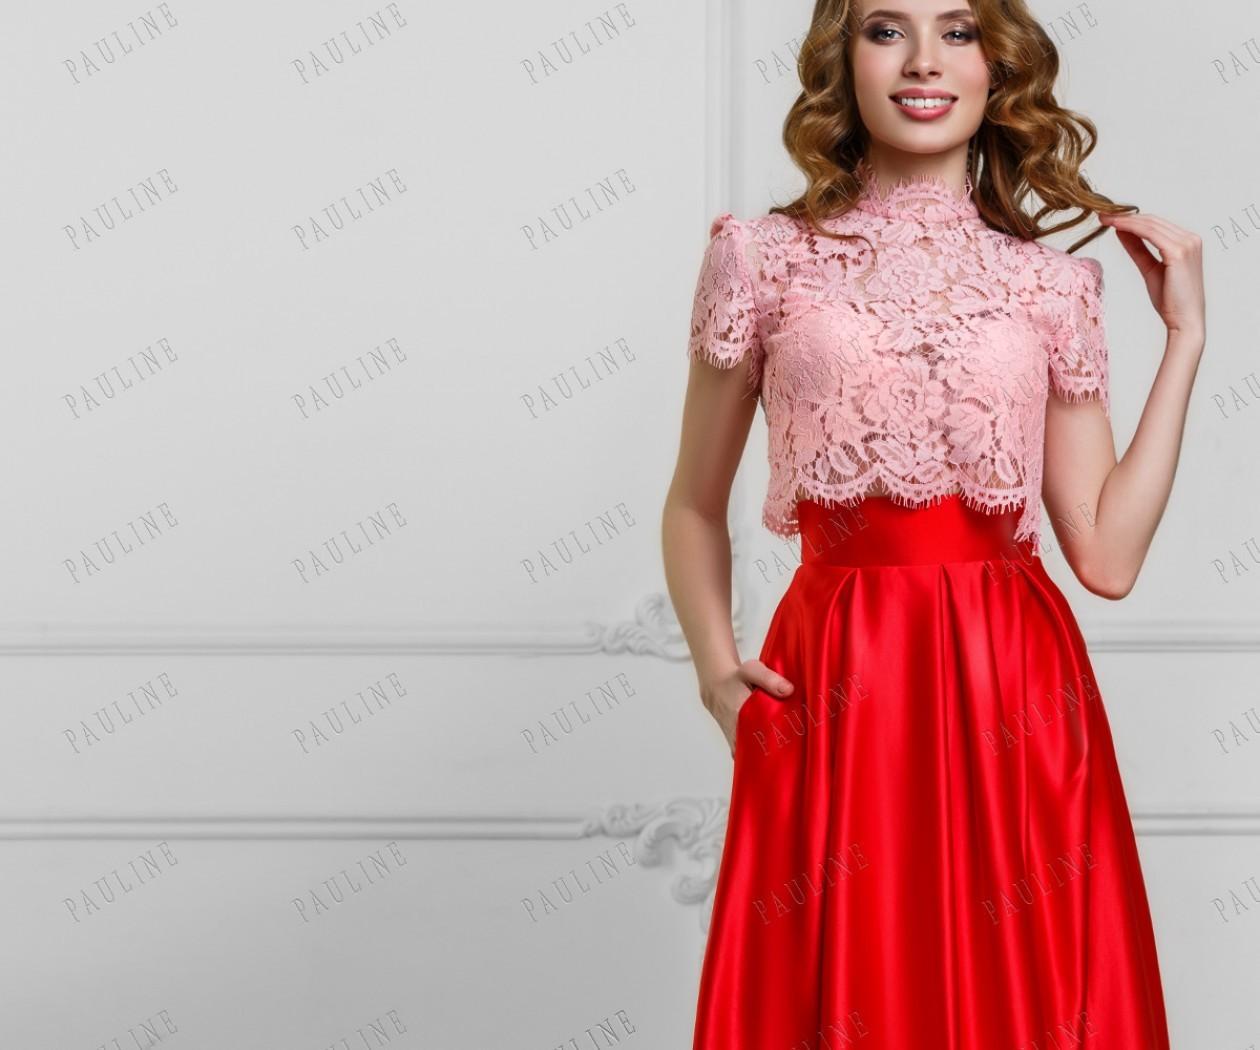 d5cfcaacbb94840 Платья на выпускной 2019-2020 года: розовый кружевной топ юбка красная пояс  высокий